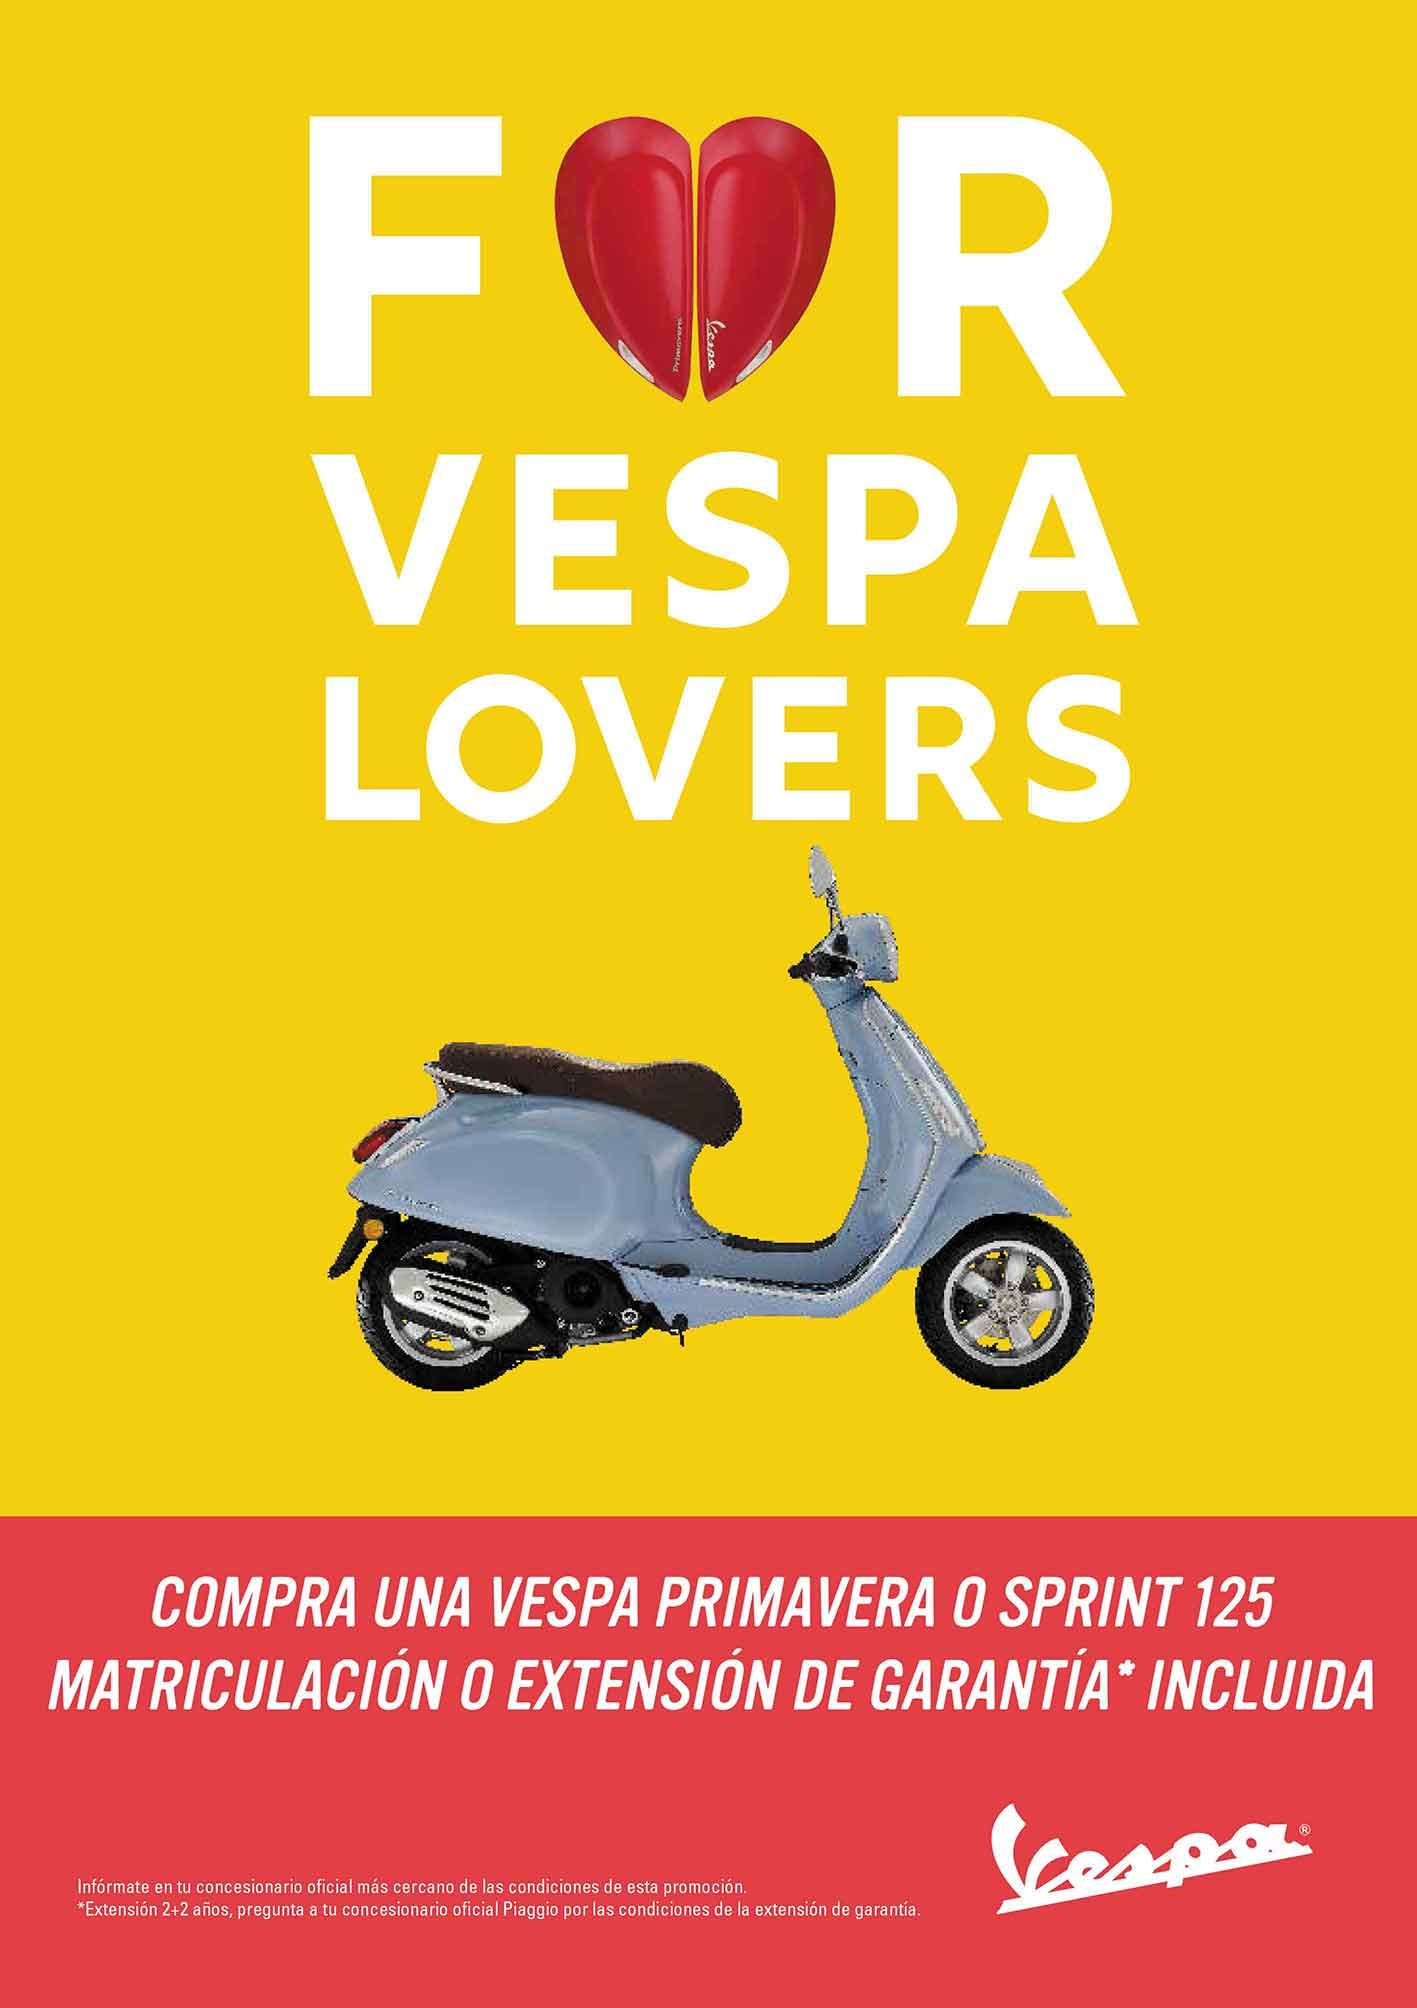 Vespa Primavera o Vespa Sprint 125 con matrículación o extension de garantía gratis hasta Marzo